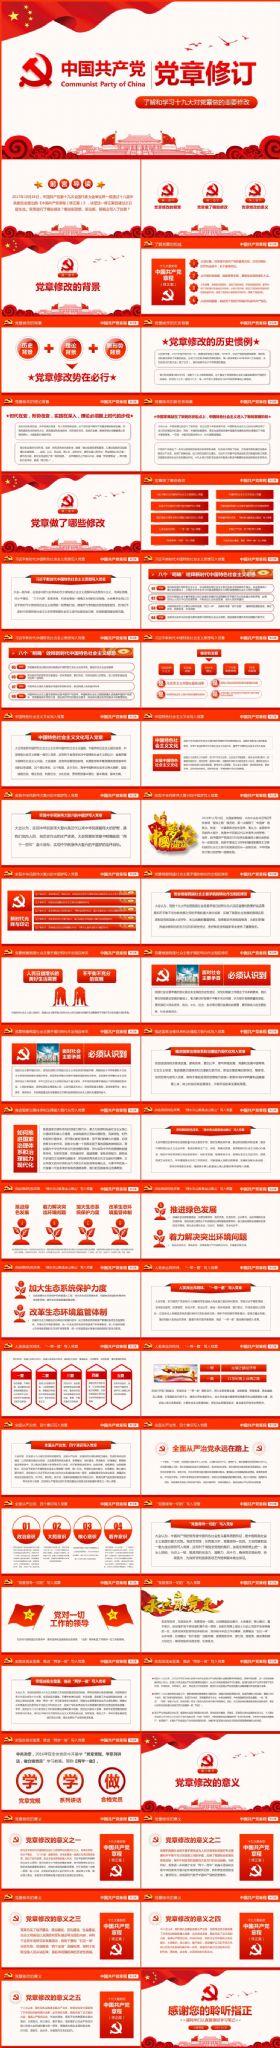 学习解读十九届的大新党章重要修改内容修改背景意义PPT